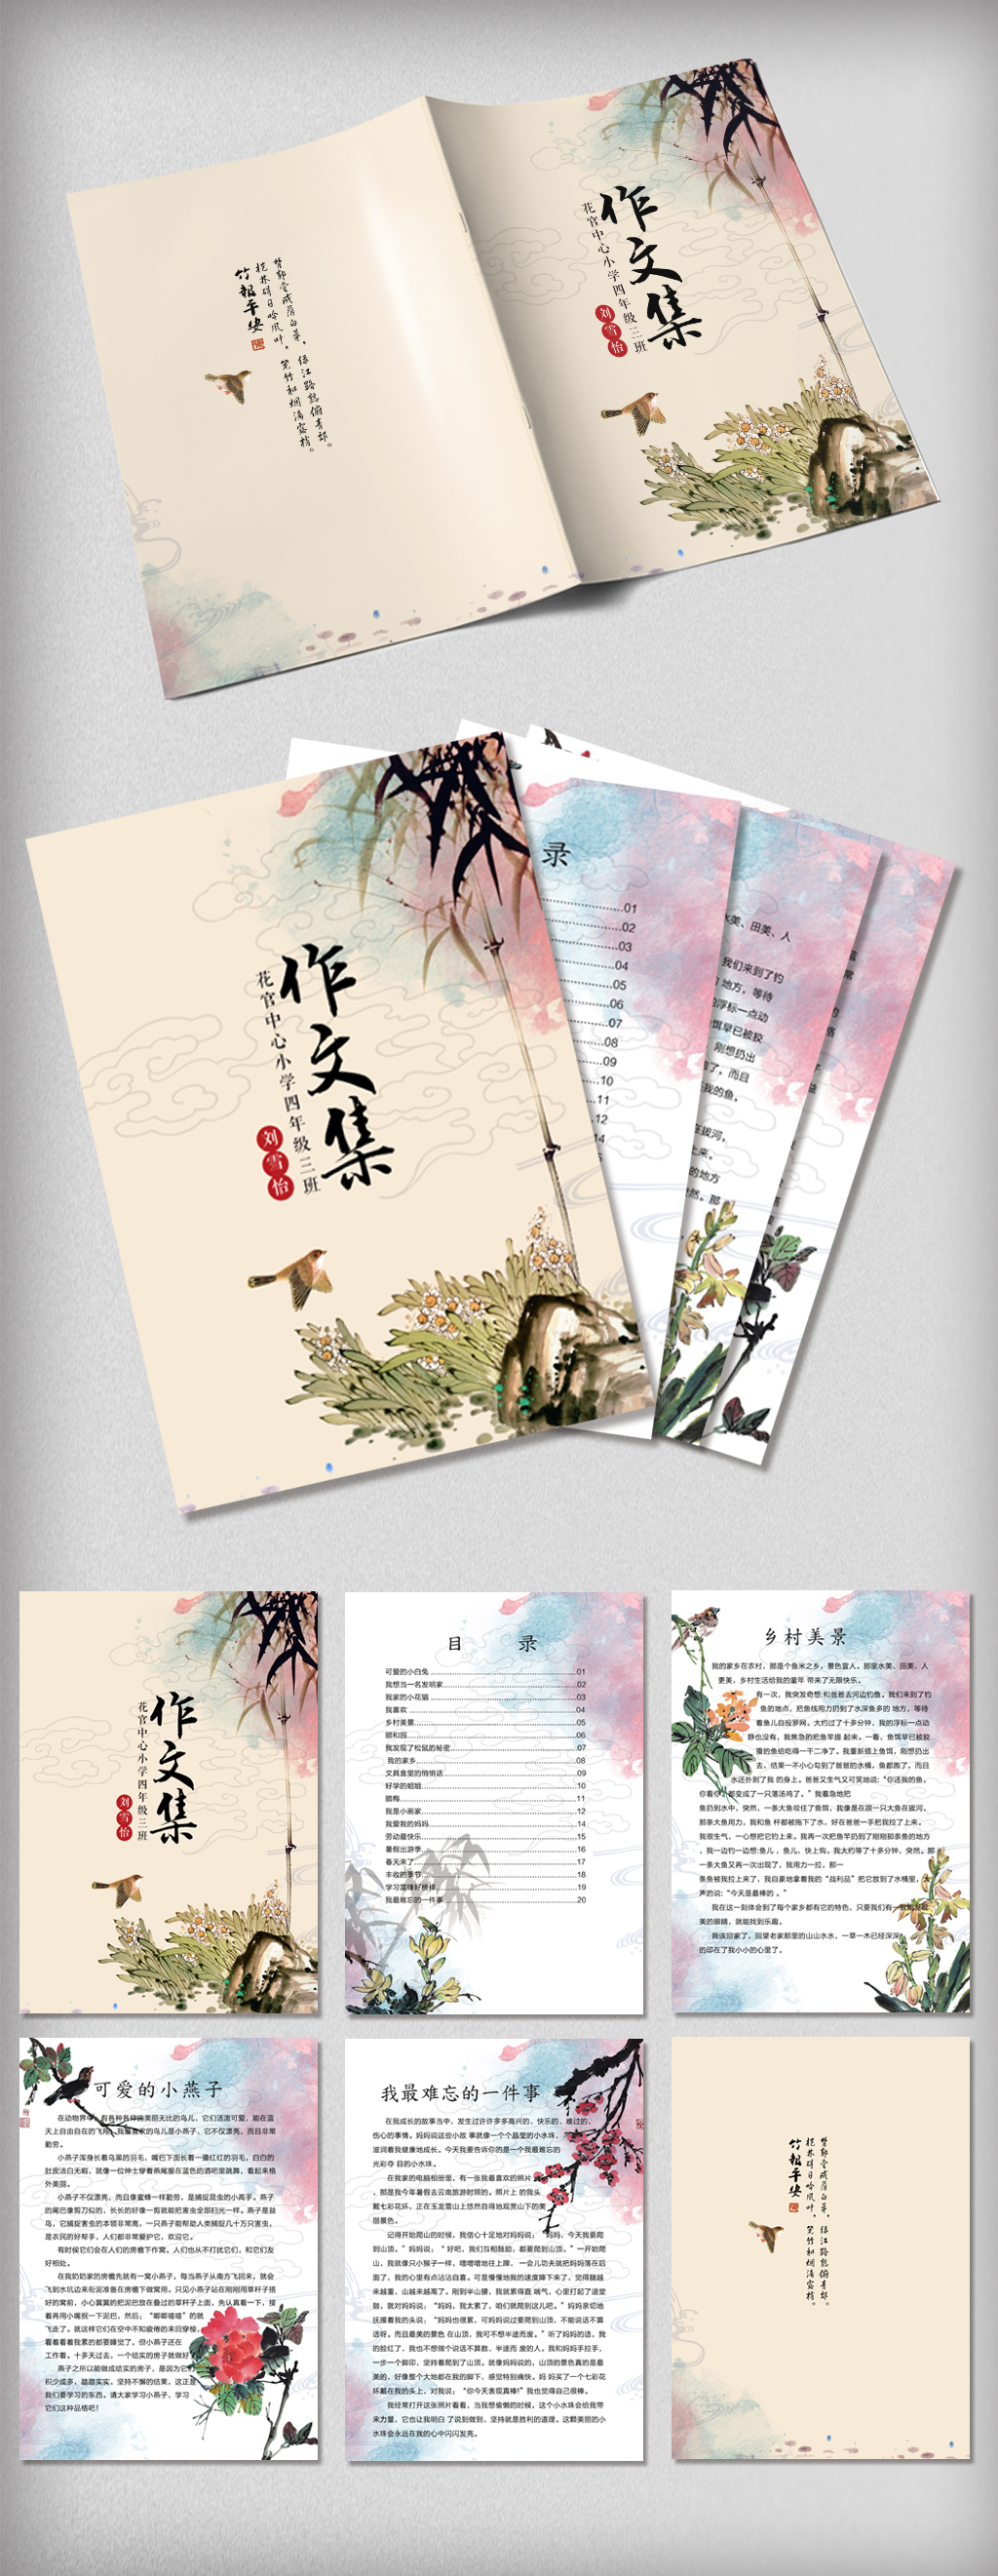 中国水墨风竹报平安中小学生作文集免费电子模板